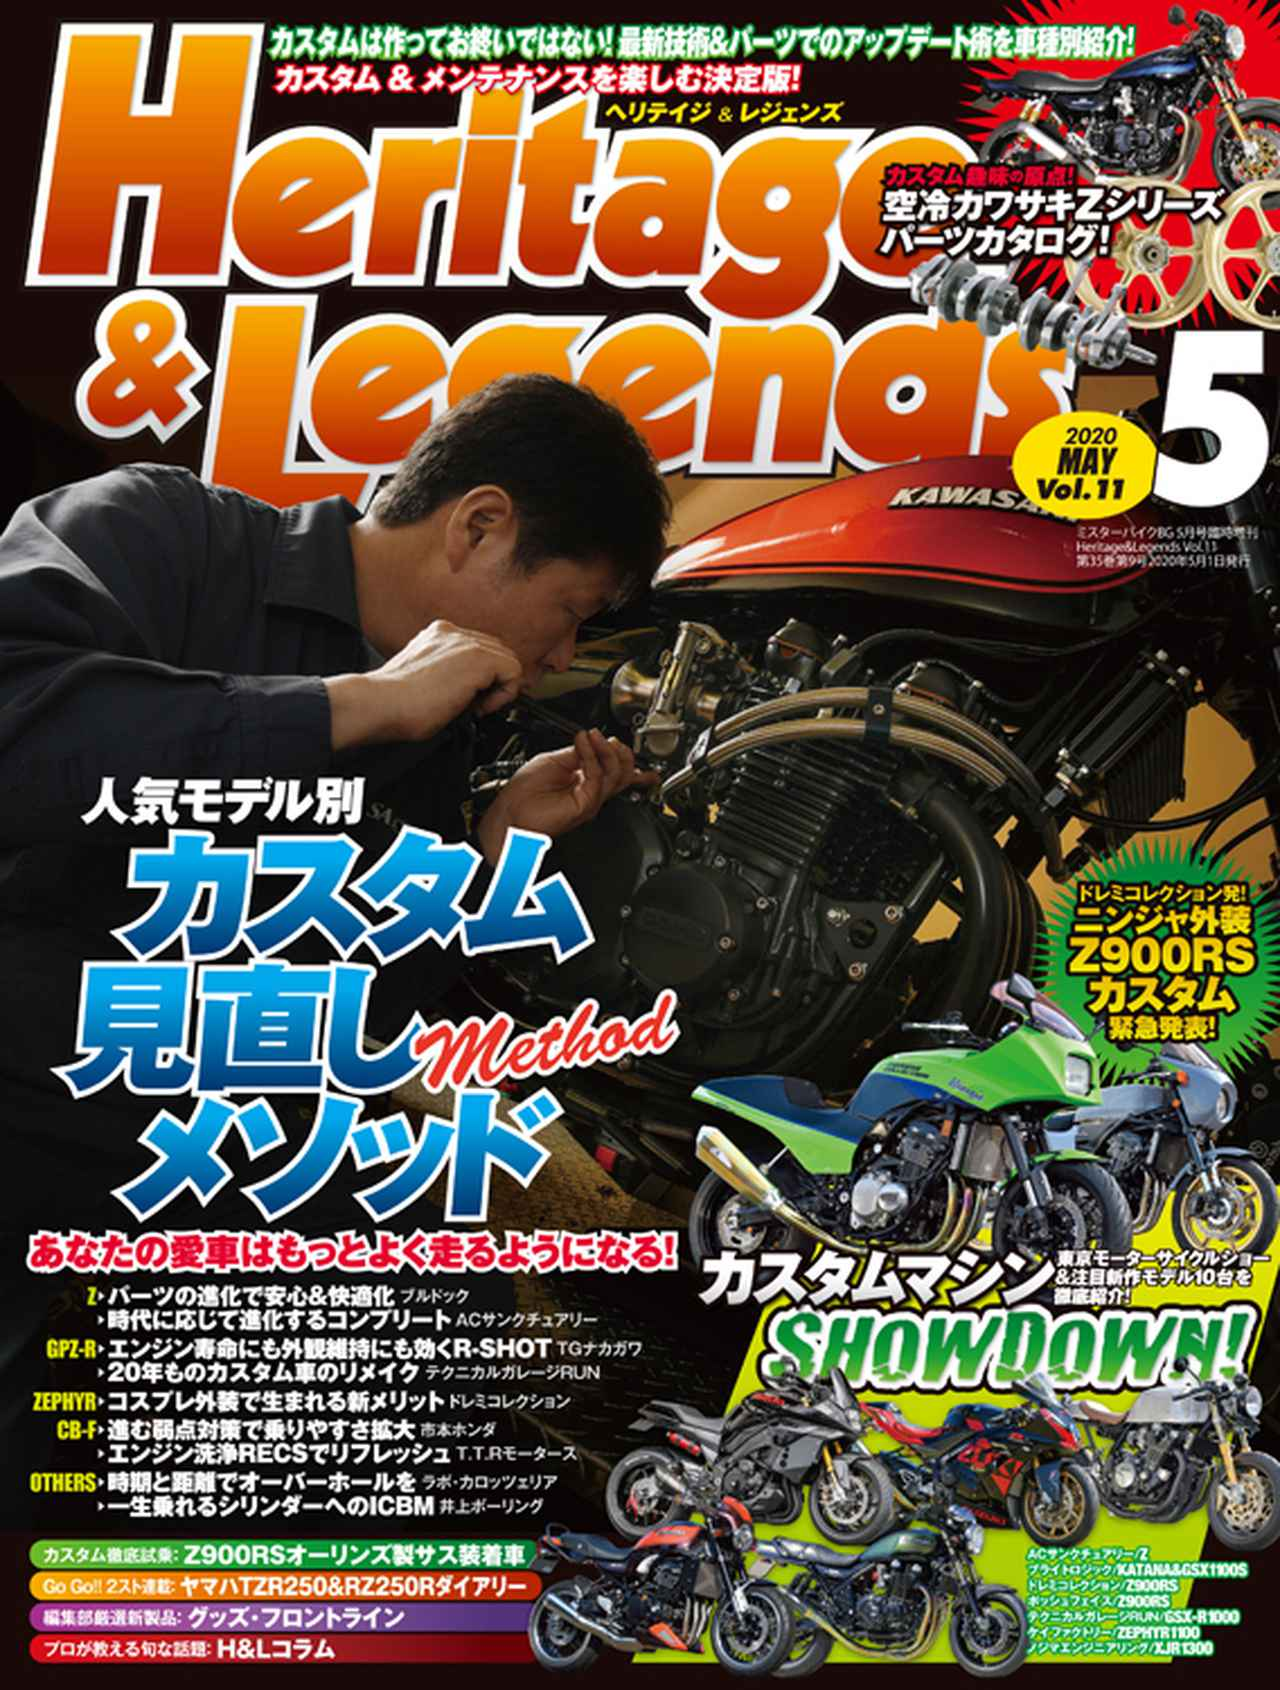 画像: 月刊ヘリテイジ&レジェンズ 2020年5月号(Vol.11)情報   ヘリテイジ&レジェンズ Heritage& Legends